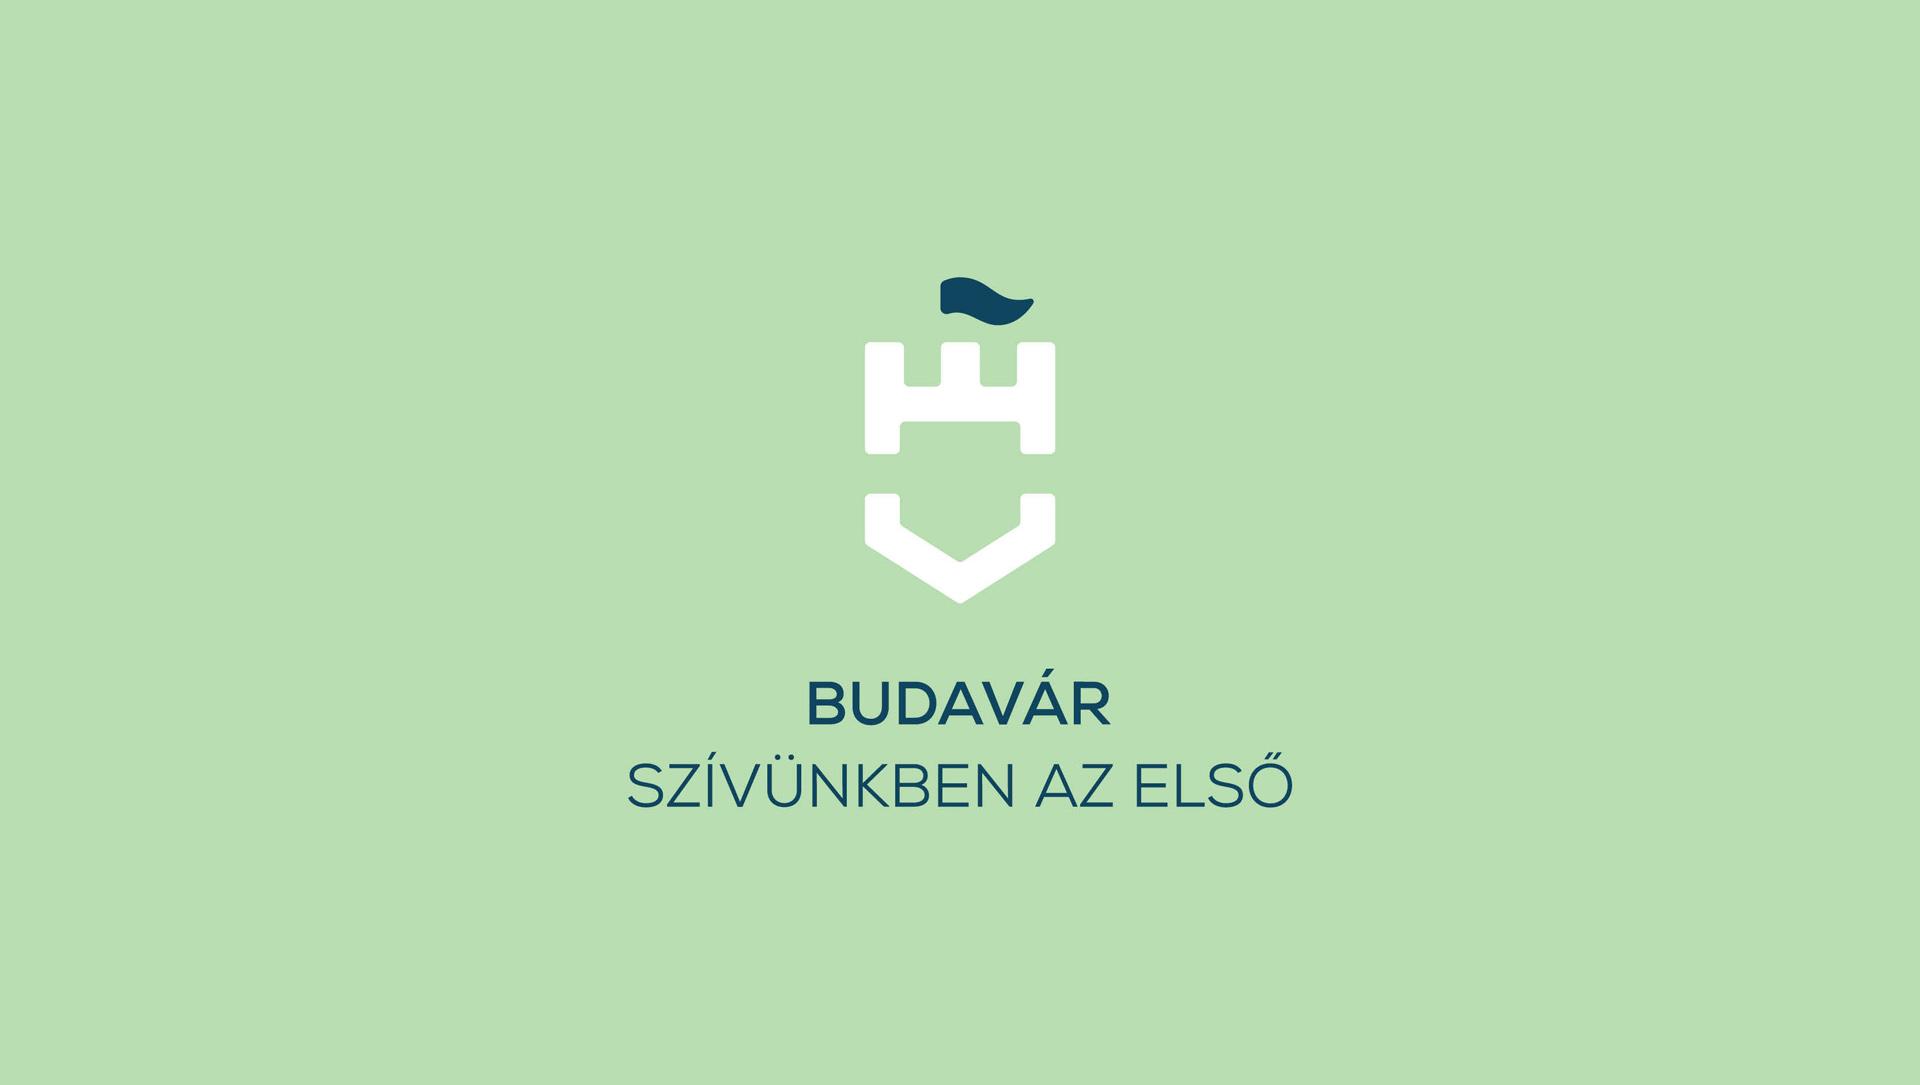 Megújítjuk a Budavári Önkormányzat arculatát